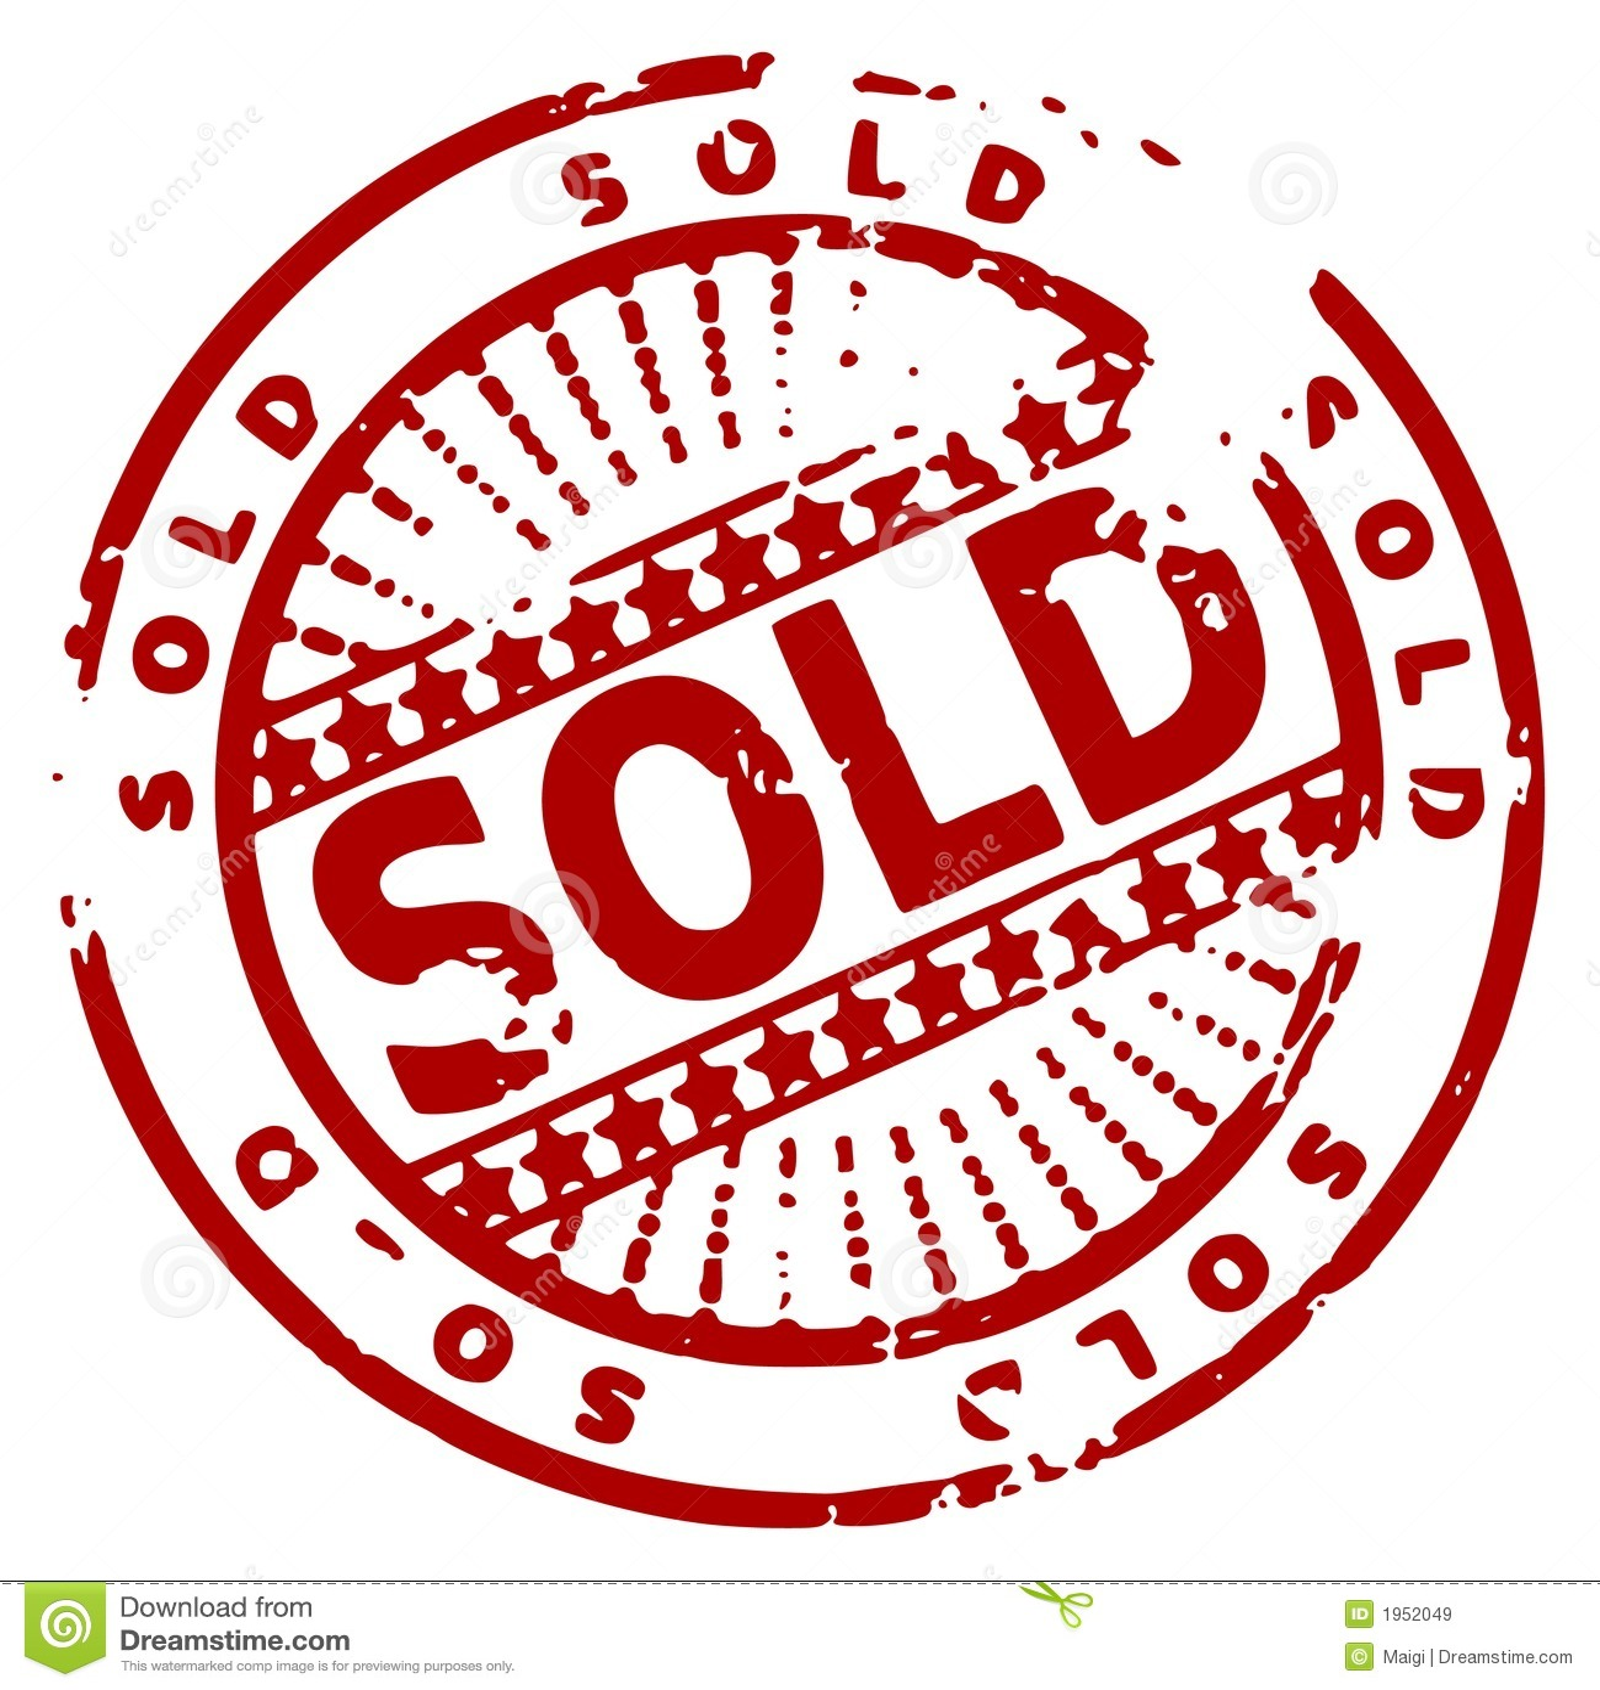 Grunge墨水被出售的印花税